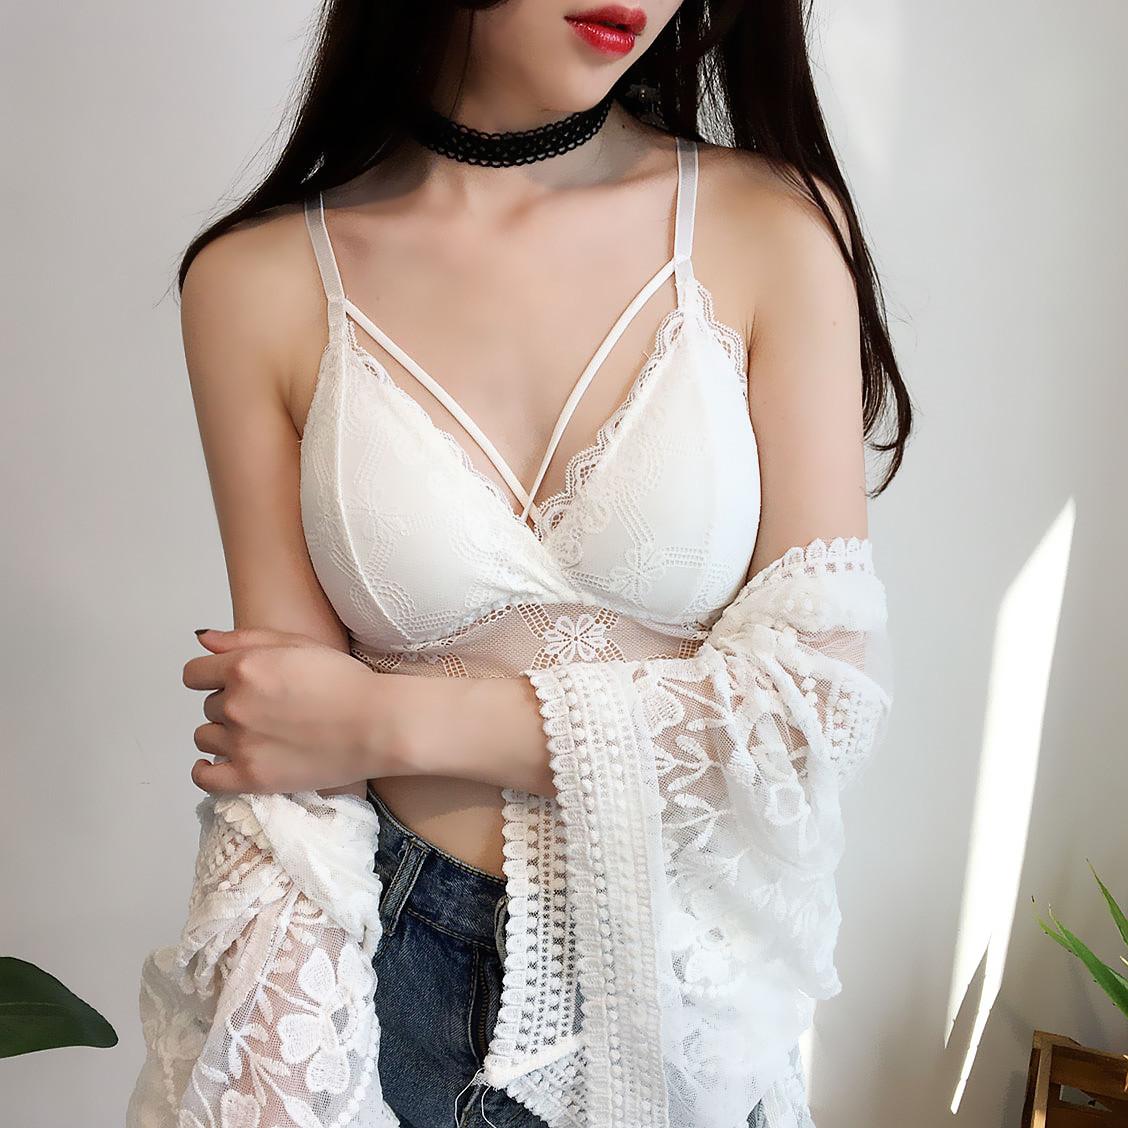 港味chic蕾丝裹胸抹胸带胸垫少女内衣性感短款打底小吊带背心上衣